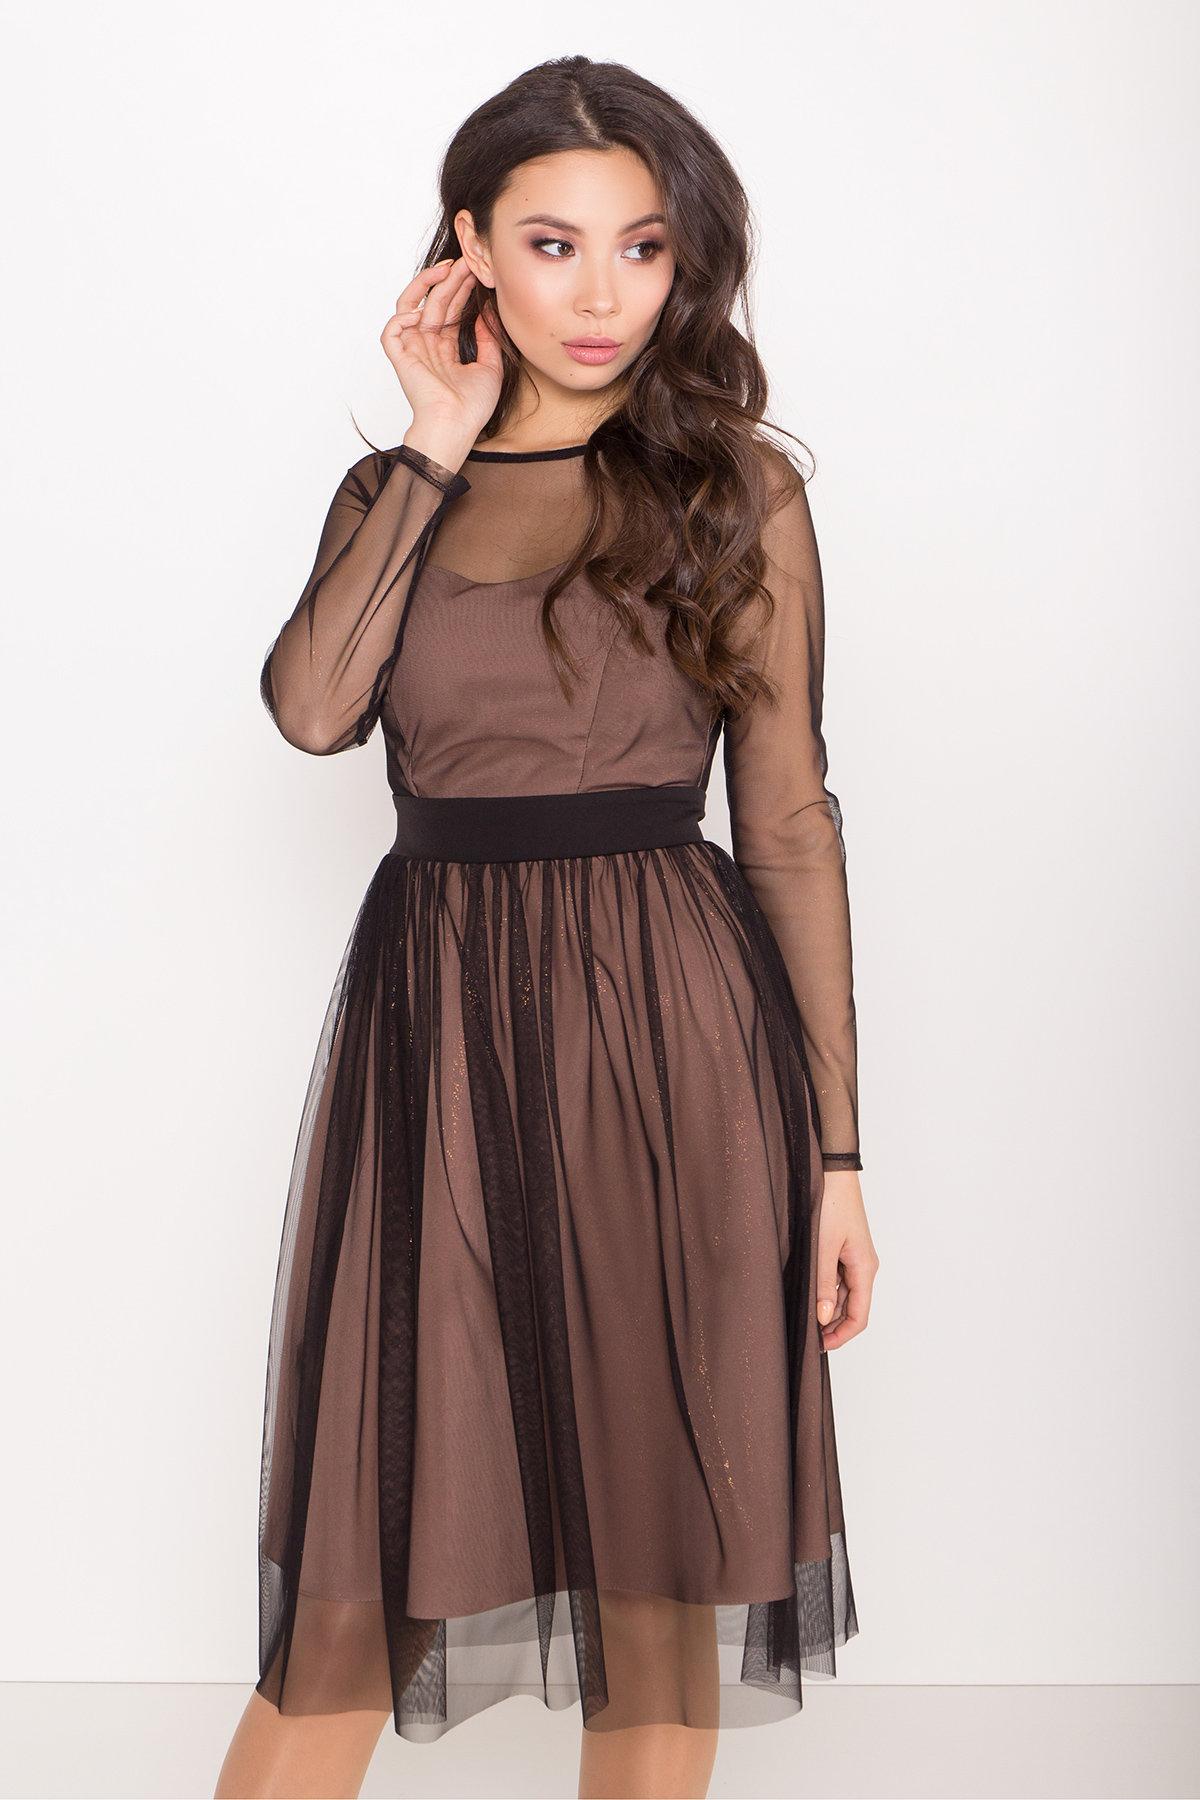 Платье миди длины с юбкой солнце-клеш Роял 8681 АРТ. 45006 Цвет: Черный/золото - фото 8, интернет магазин tm-modus.ru